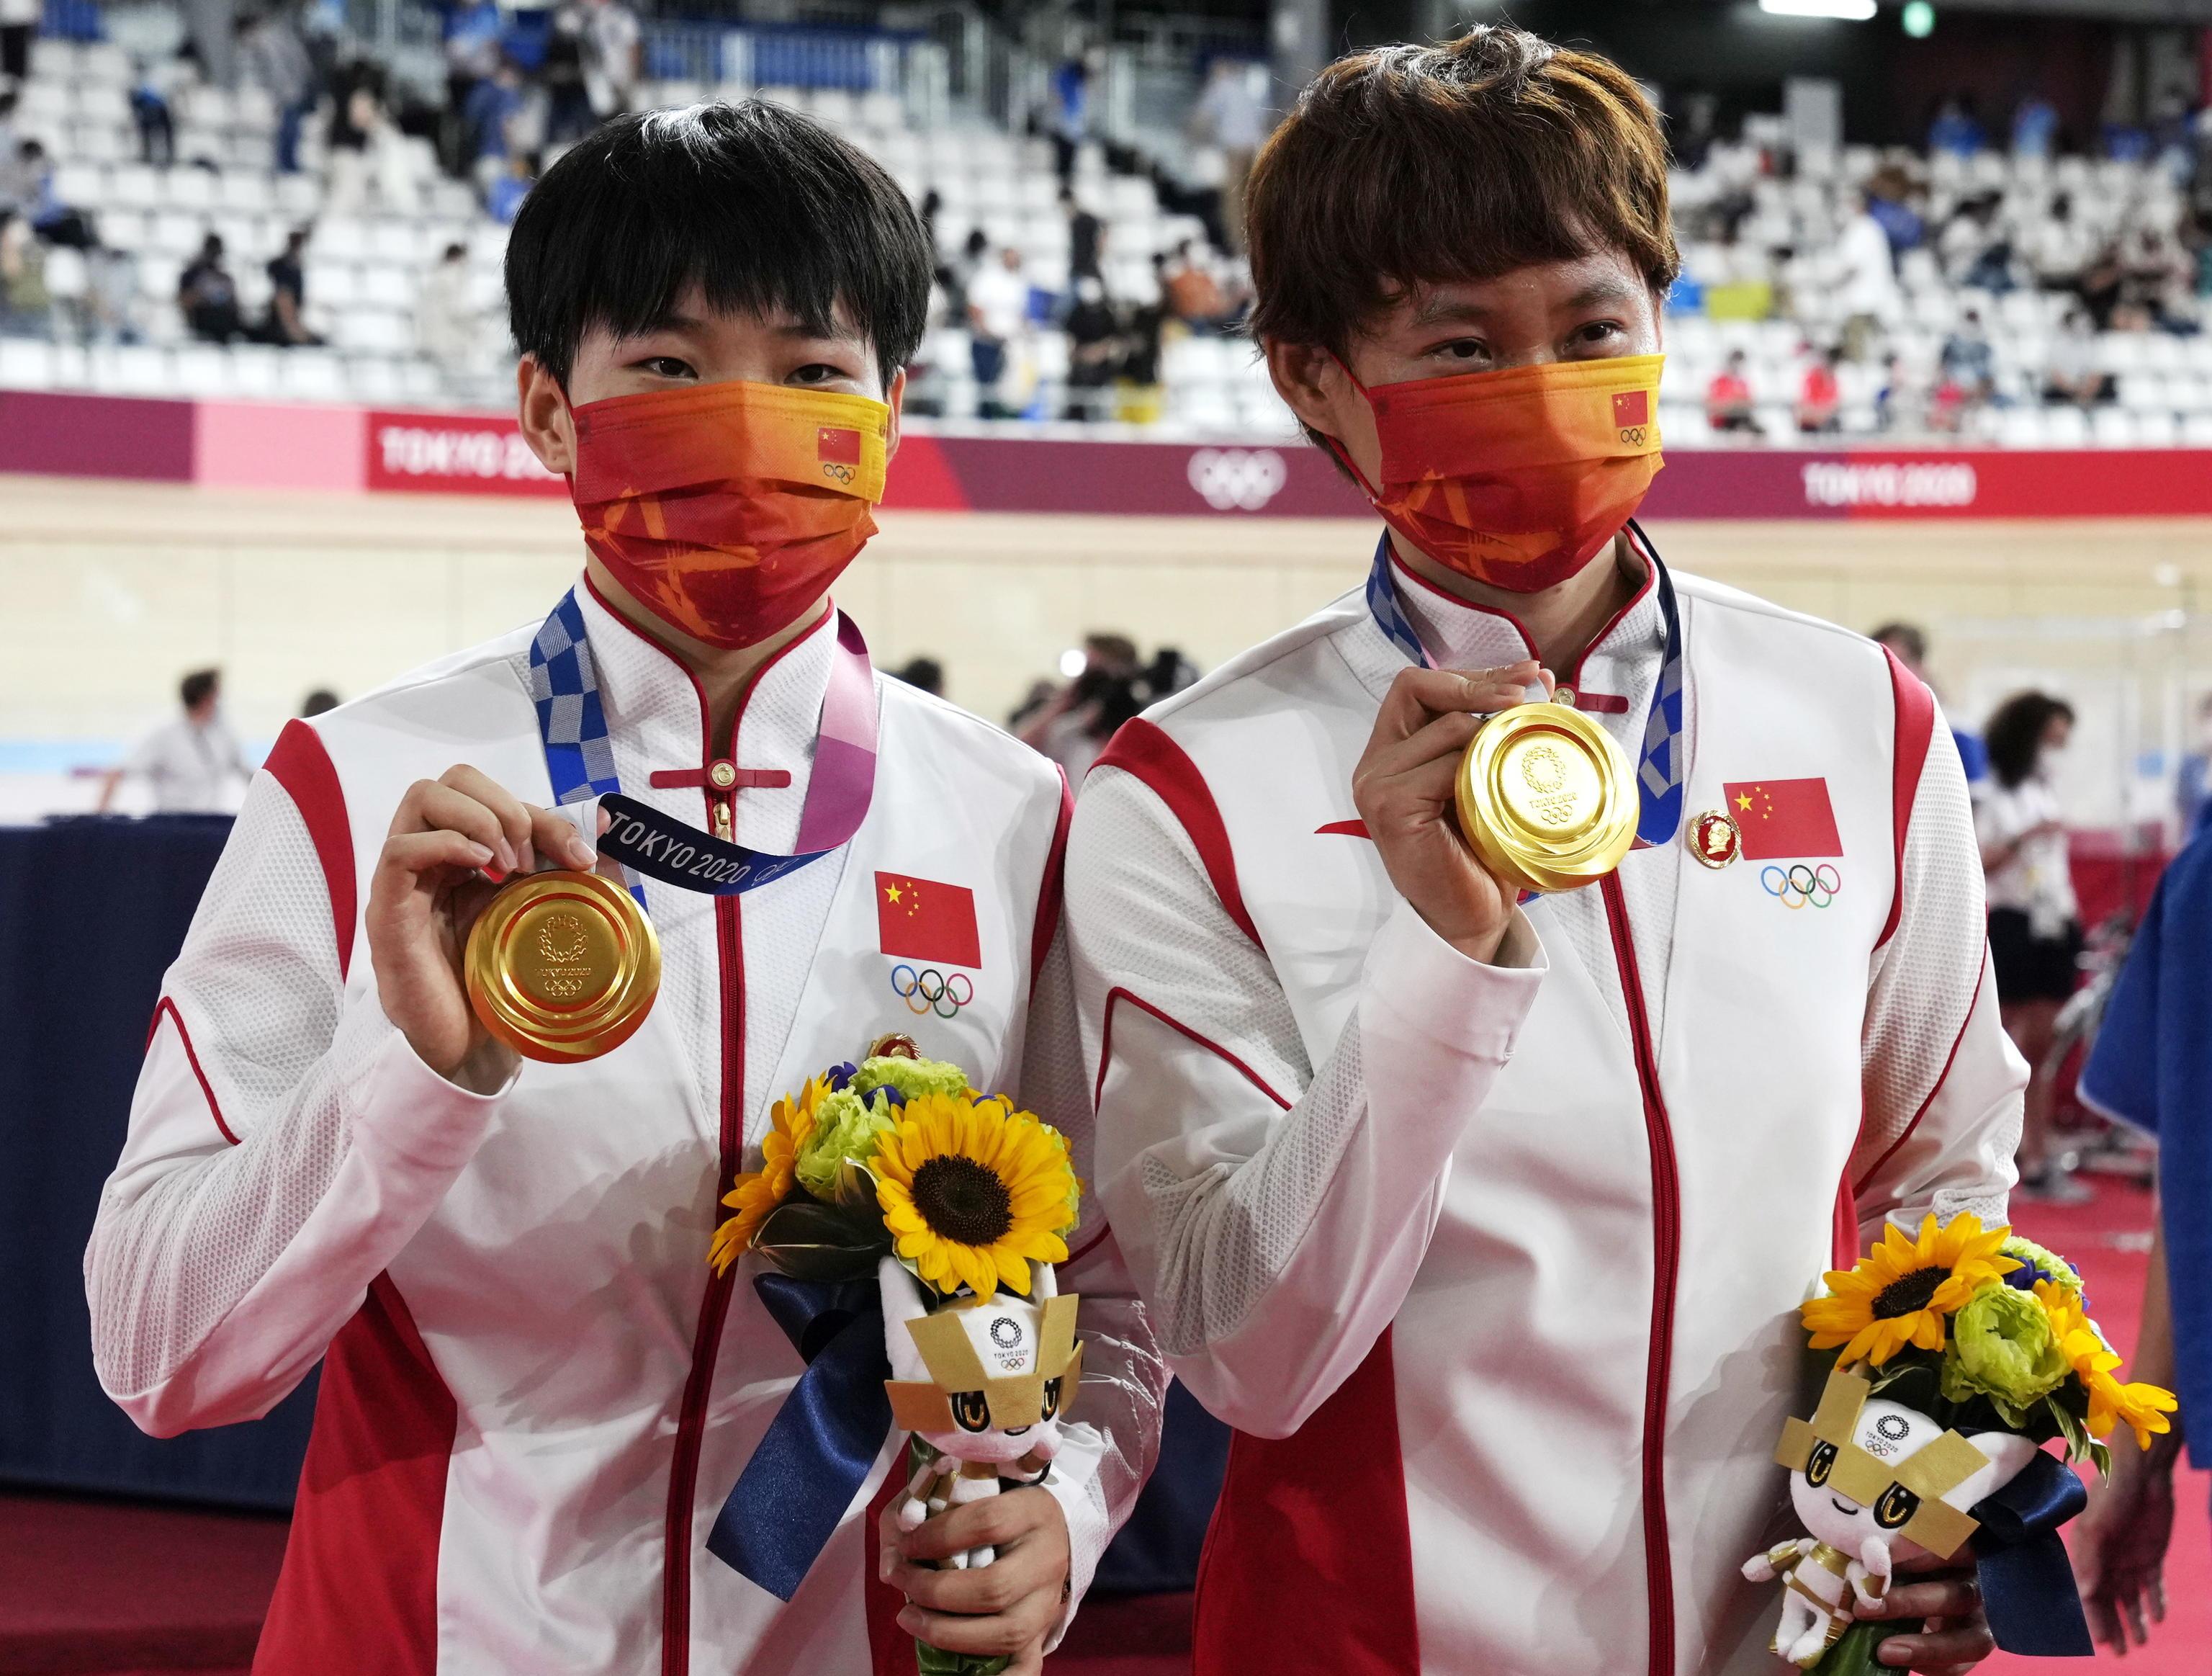 Tokyo 2020, le atlete cinesi sul podio con la spilla di Mao. Il Cio apre un'inchiesta